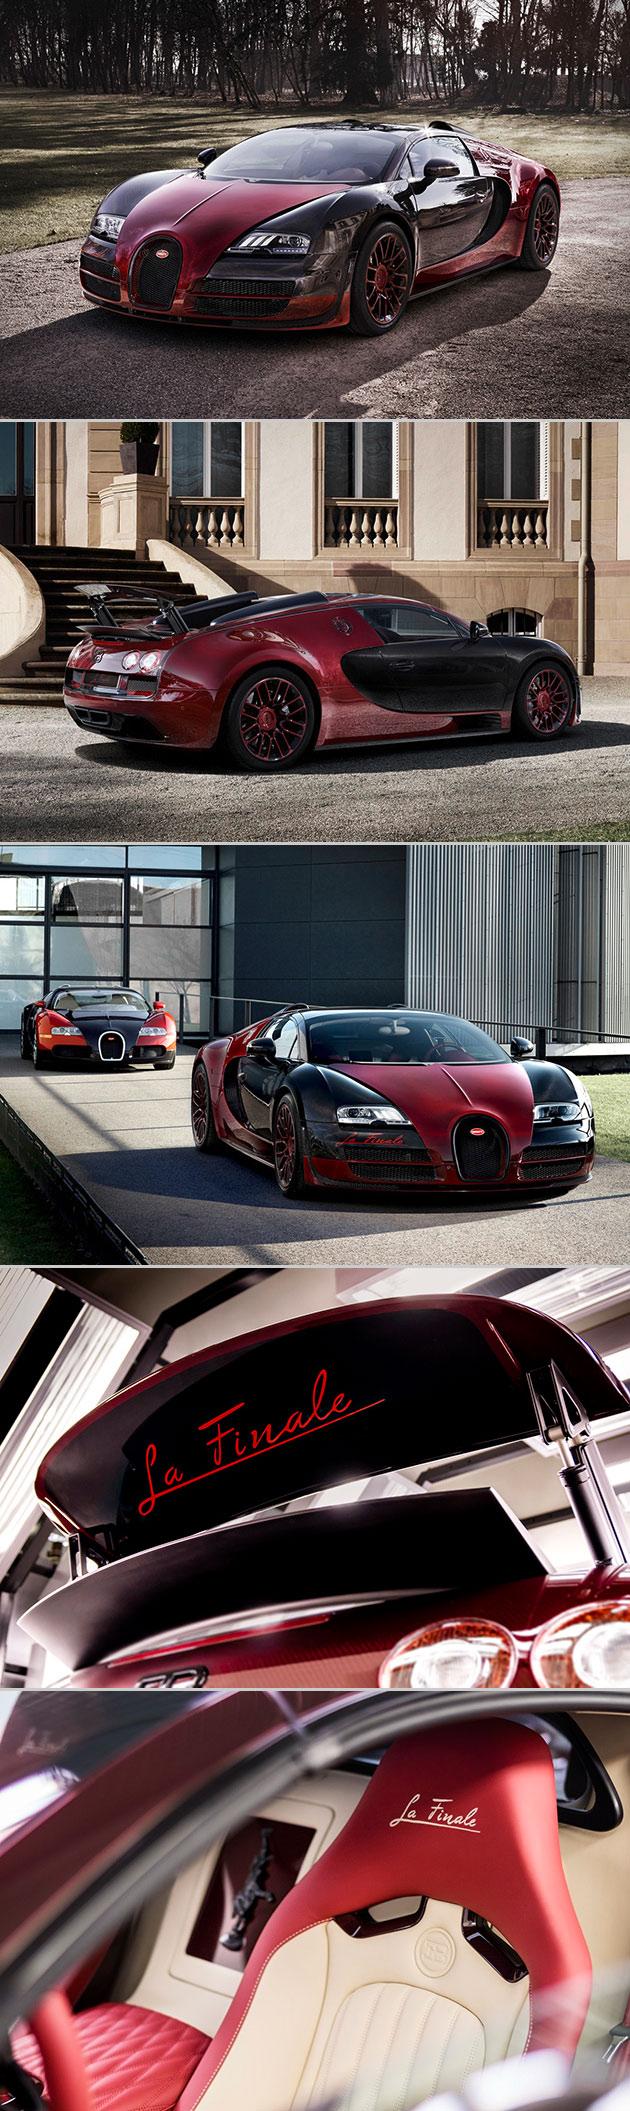 Bugatti La Finale